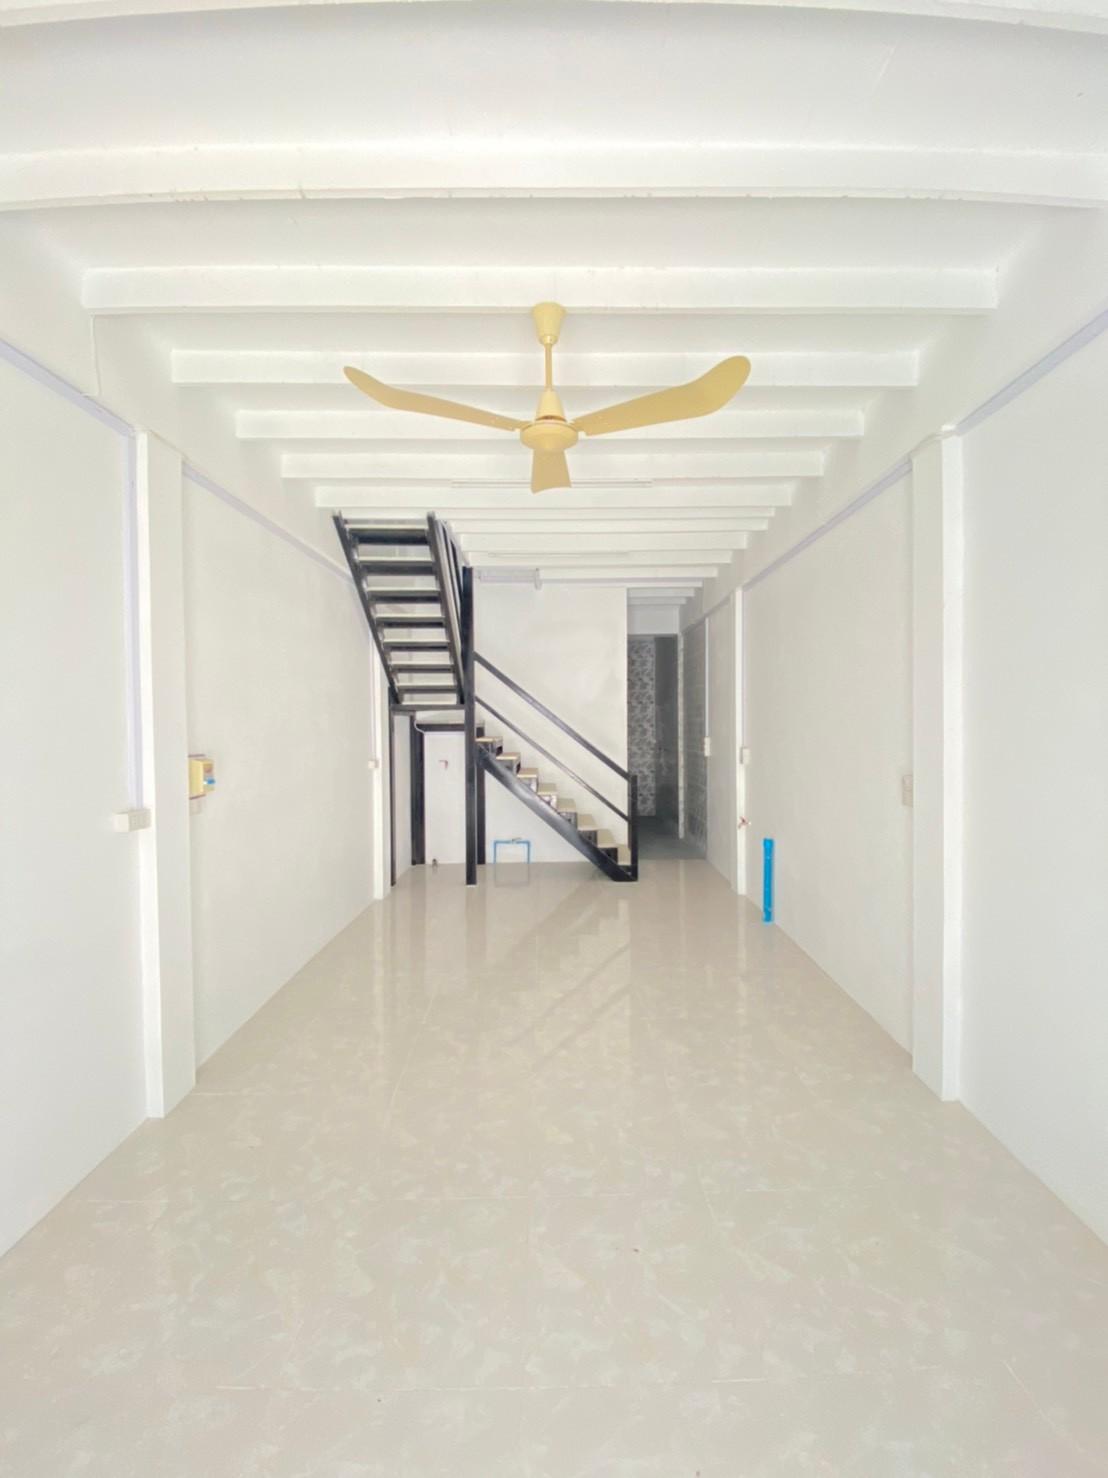 ให้เช่า ห้องแถวสำหรับอยู่อาศัย ใหม่ สะอาด ปลอดภัย สภาพแวดล้อมดีเยี่ยม  (โครงการสาทรคอนเน็คซ์)